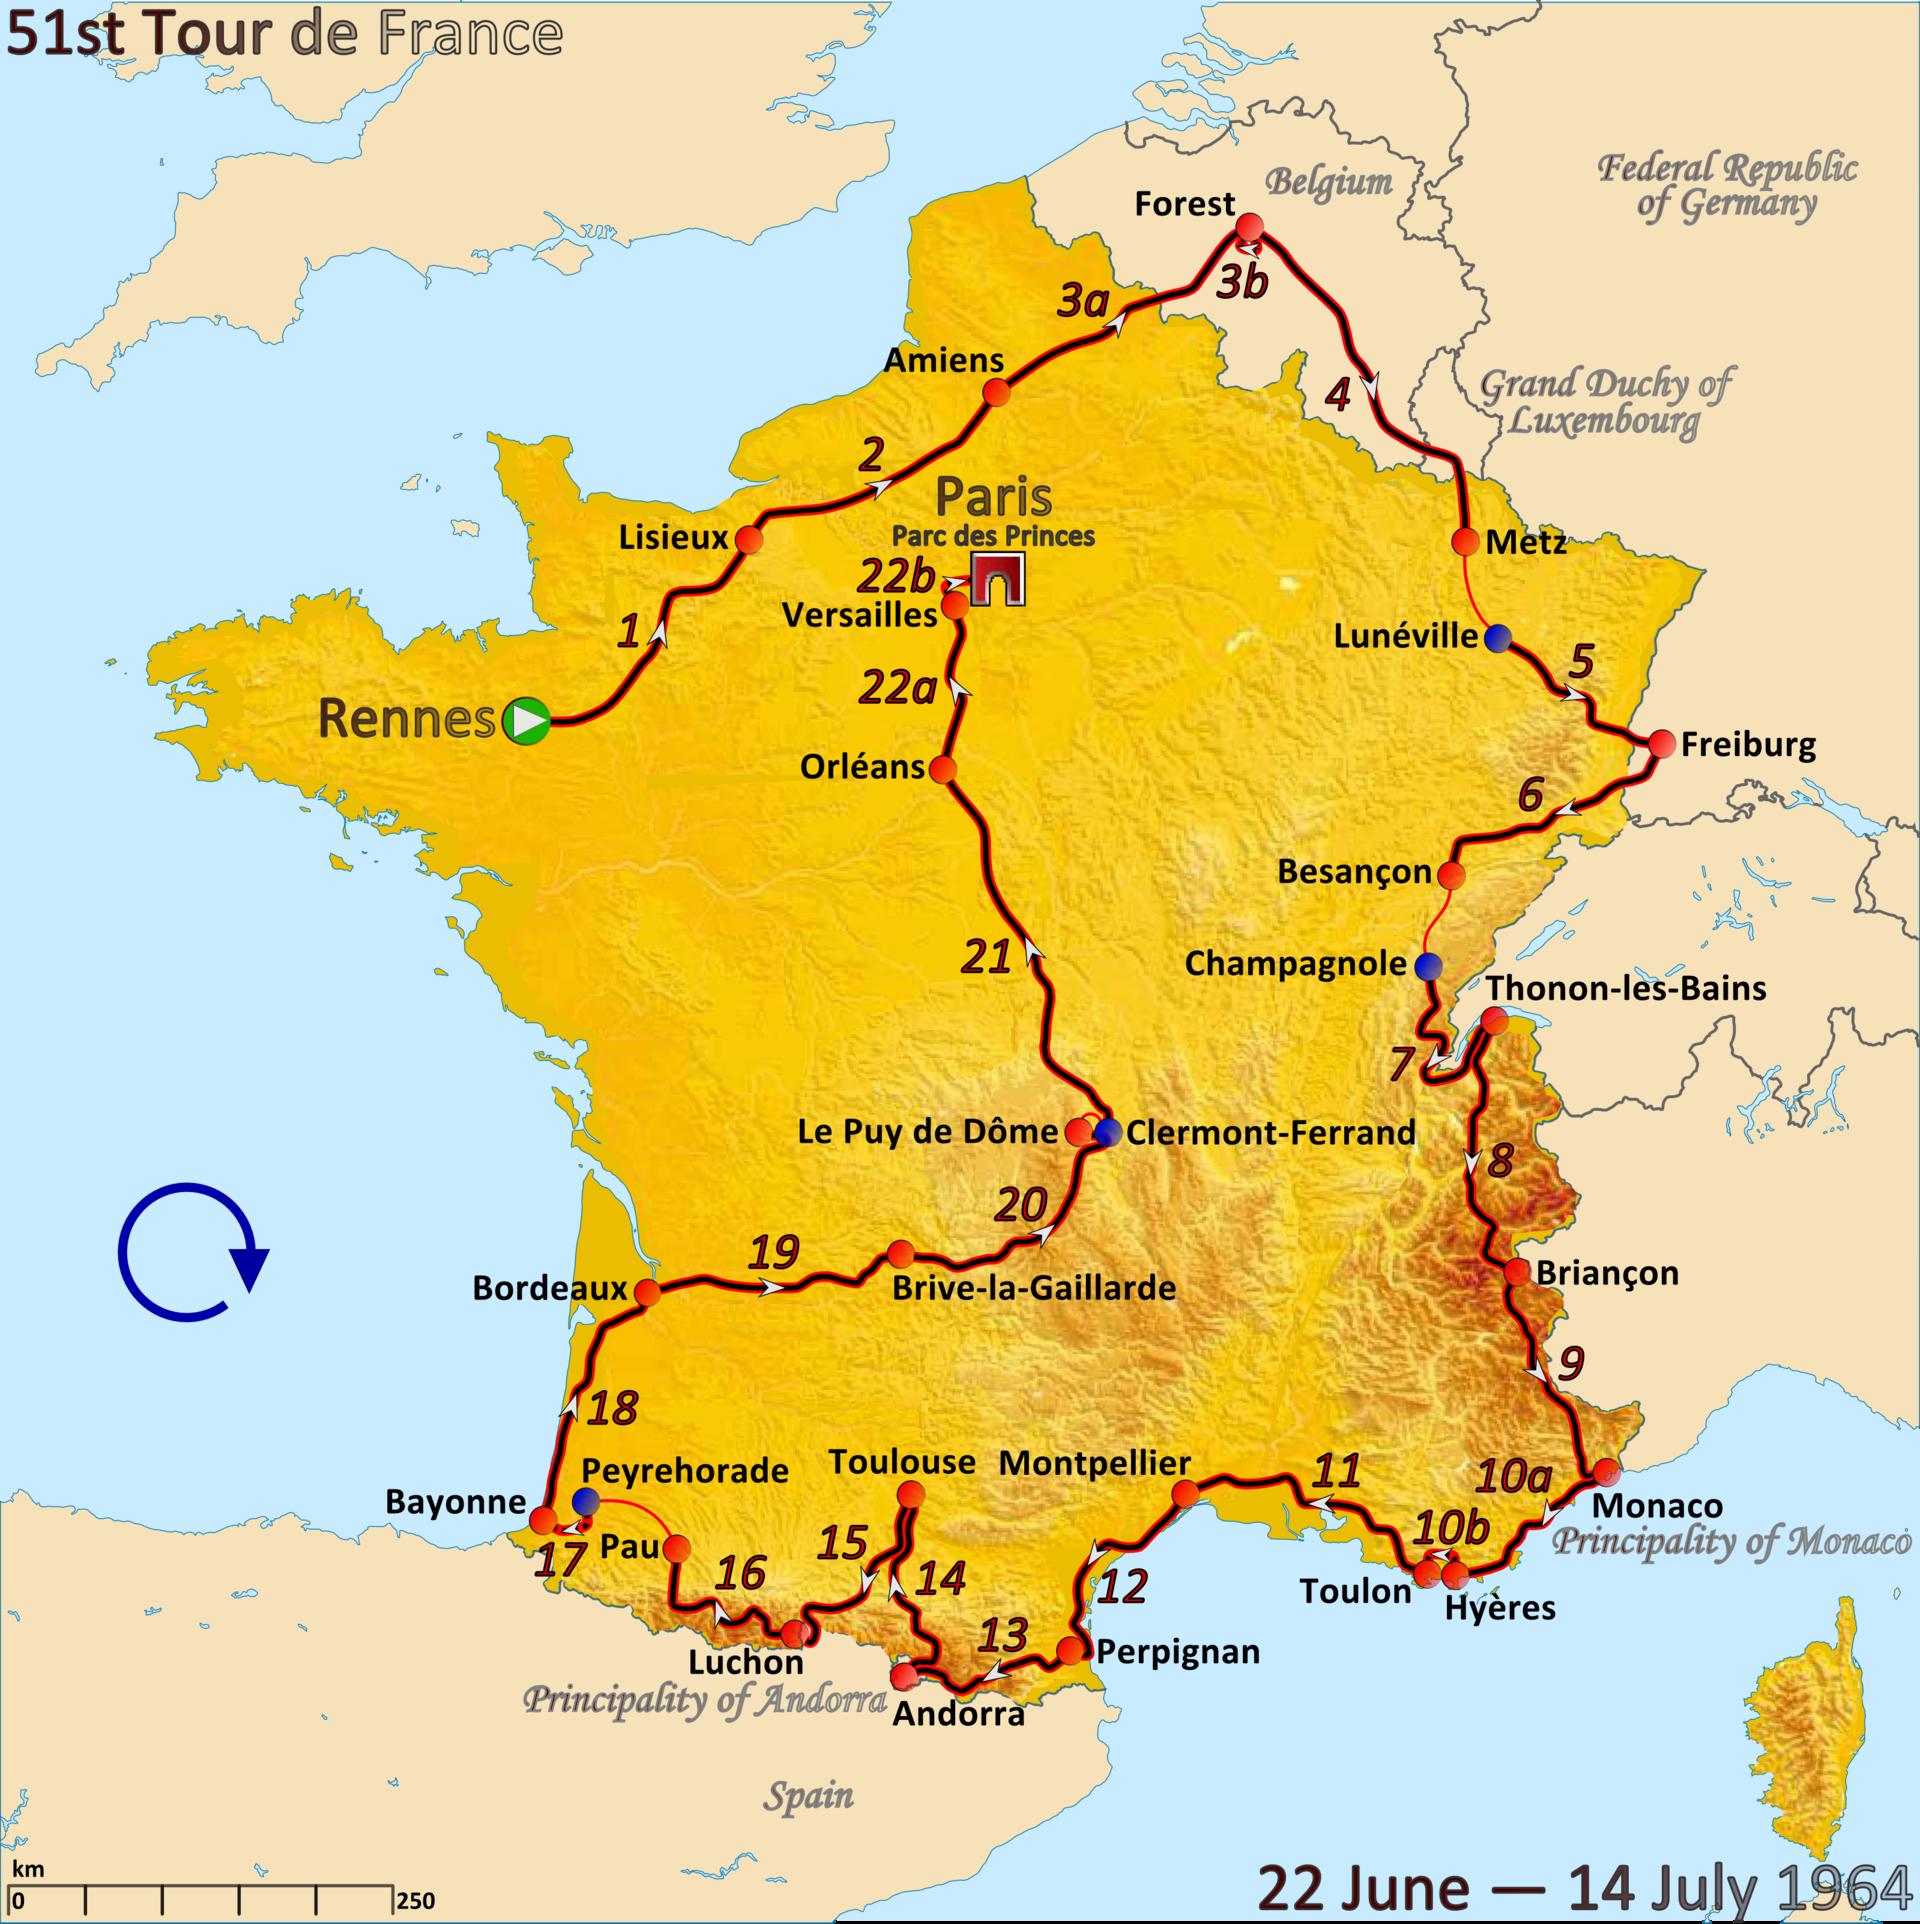 tour de france 2019 route and dates